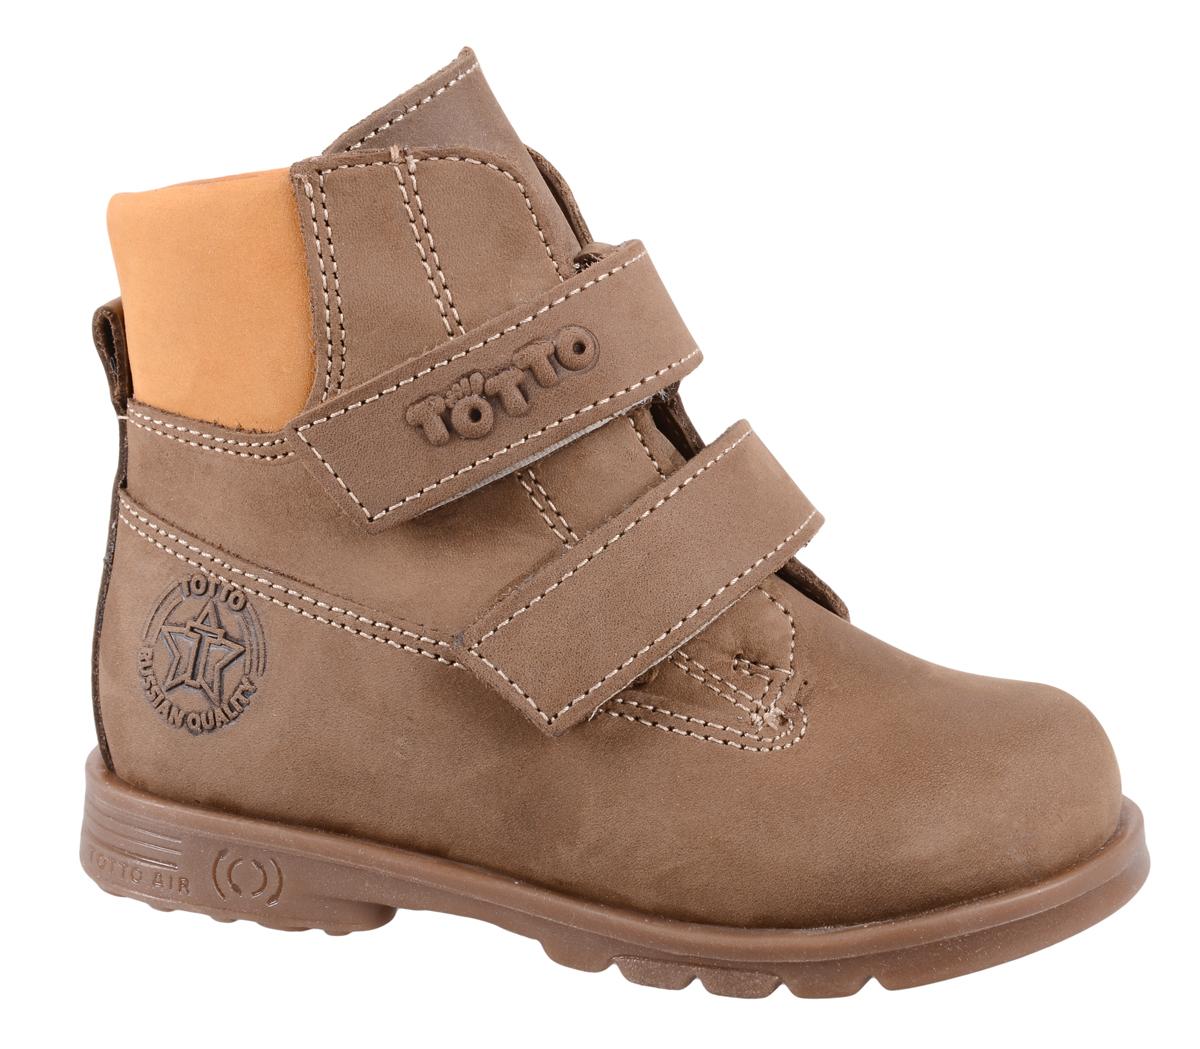 Ботинки для мальчика Тотто, цвет: коричневый. 126/2-БП. Размер 23126/2-БПСтильные ботинки для мальчика Тотто займут достойное место в гардеробе вашего ребенка. Модель с высоким жестким задником выполнена из натуральной кожи и оформлена тисненым логотипом бренда и прострочкой. Внутренняя поверхность ботинок и стелька выполнены из байки, обеспечивающей тепло и комфорт при движении. Верх изделия дополнен удобными застежками-липучками, которые обеспечат комфортную фиксацию модели на ноге и отрегулируют объем, а рифленая поверхность подошвы защитит от скольжения во время движения. Стильные ботинки - незаменимая вещь в гардеробе каждого мальчика!